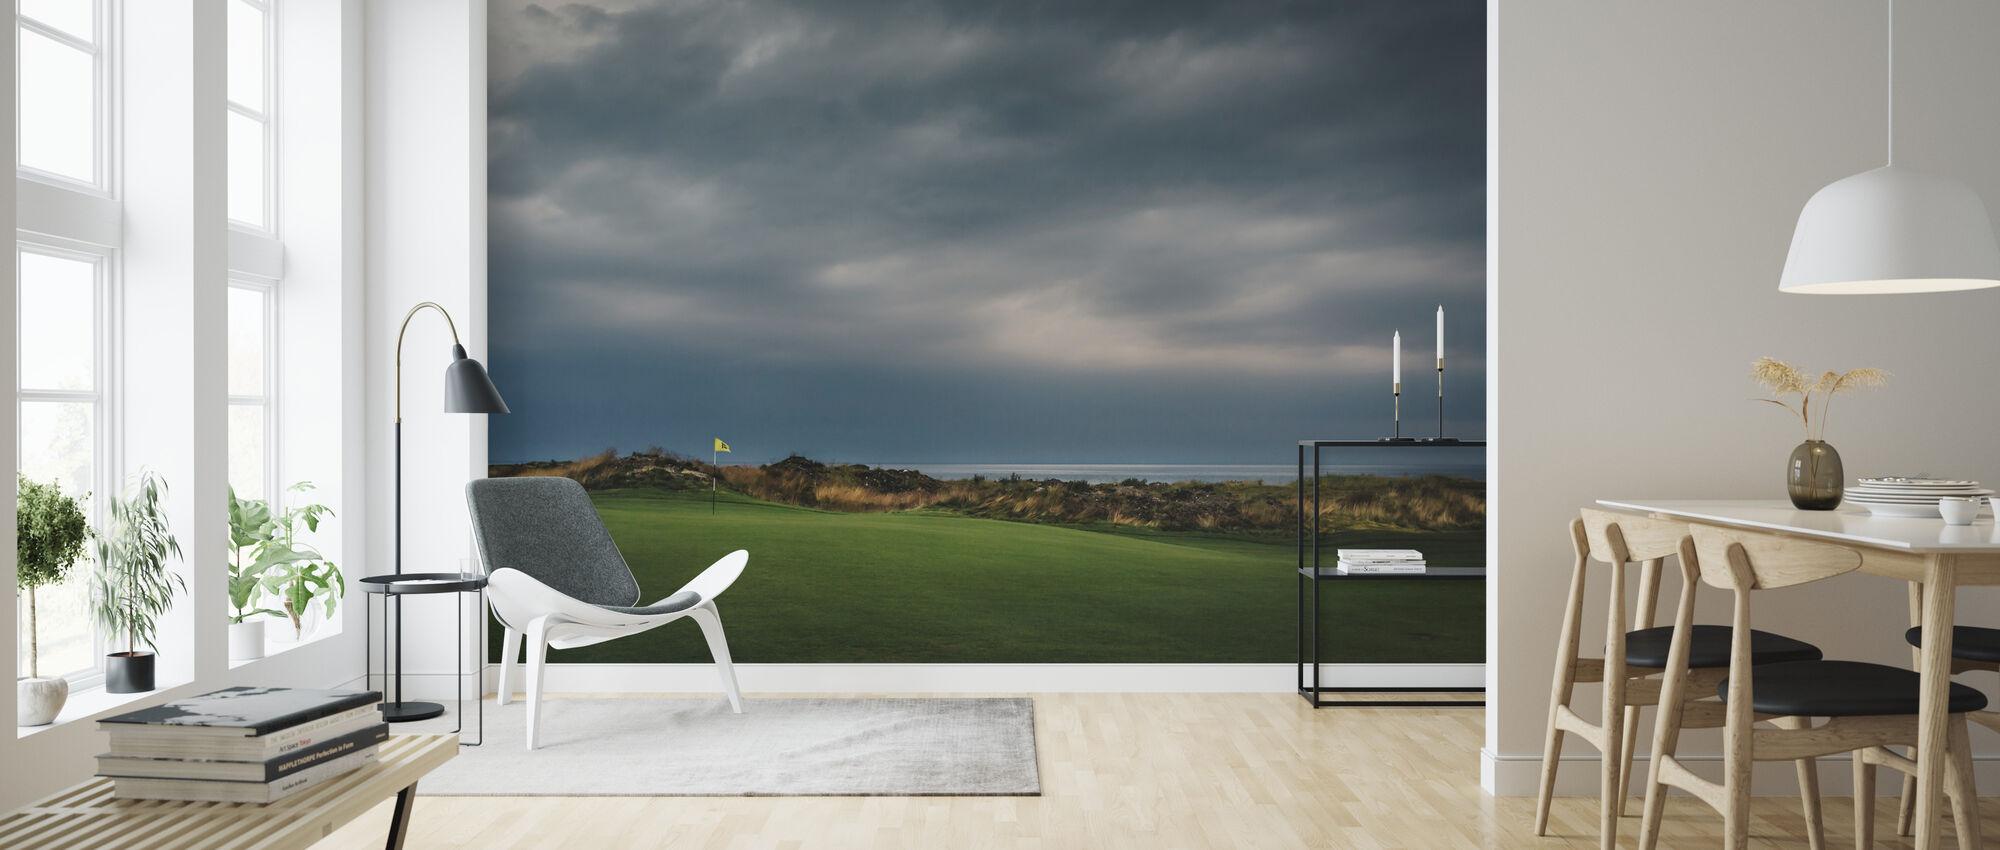 Golf Course in Lofoten, Norway - Wallpaper - Living Room